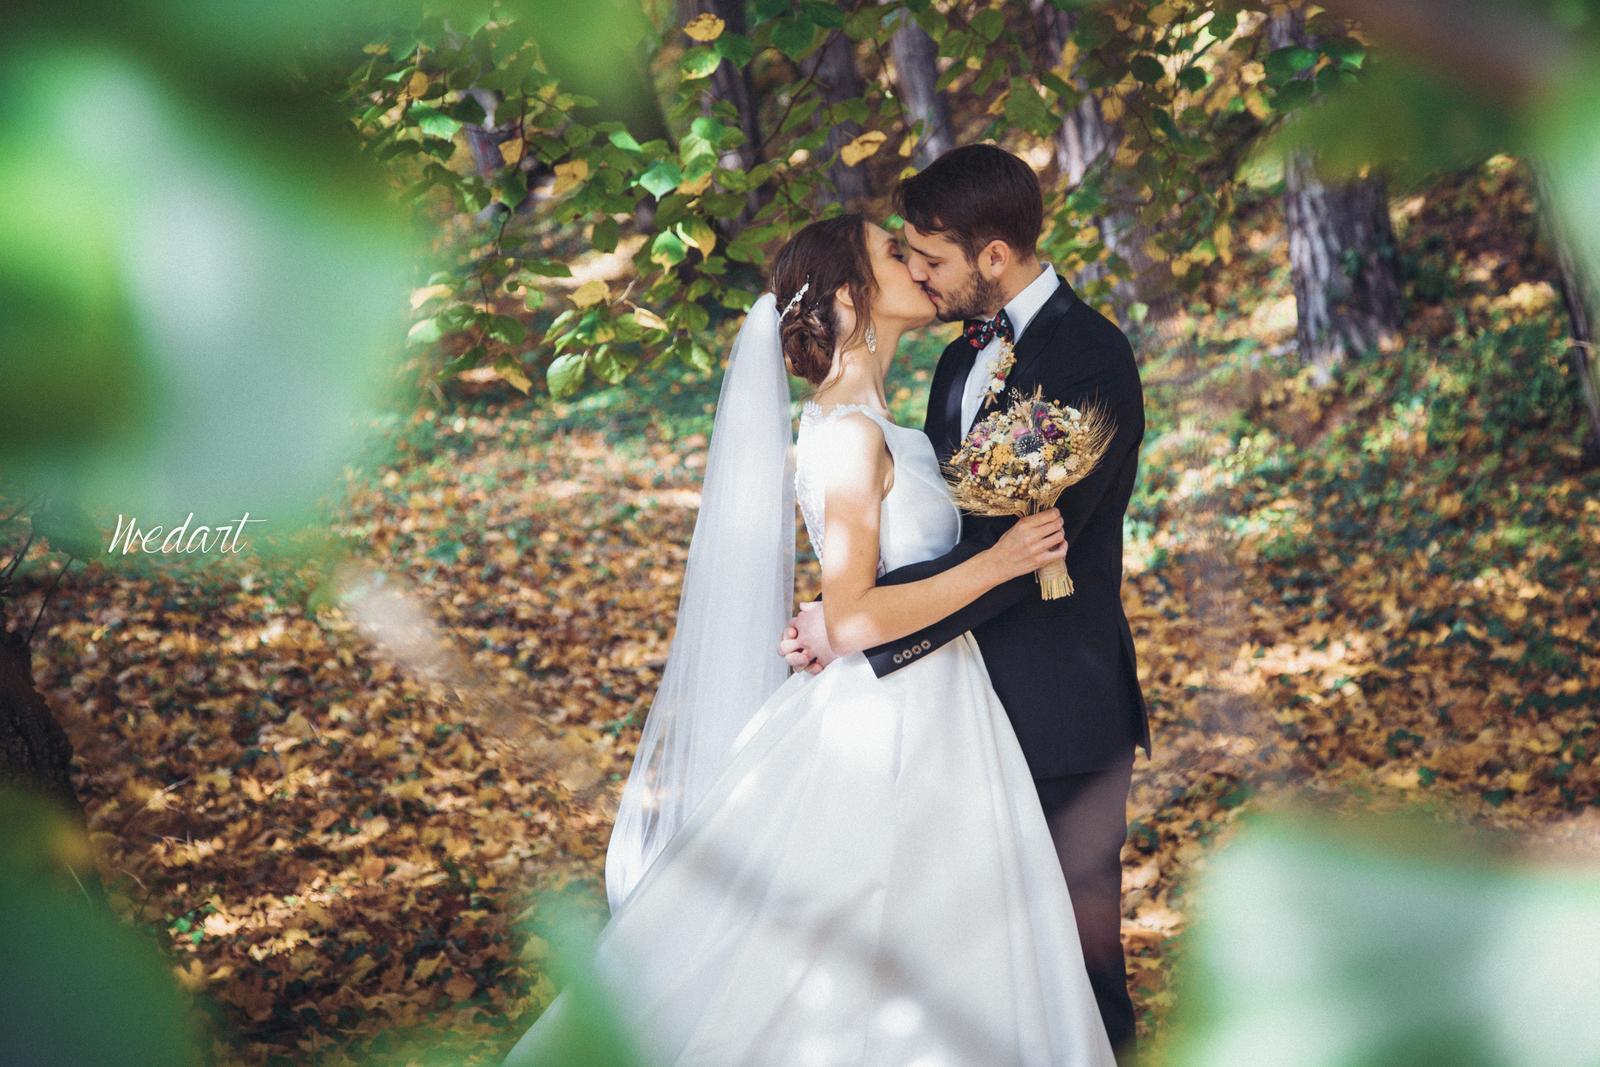 Svadobná fotografia - Obrázok č. 2